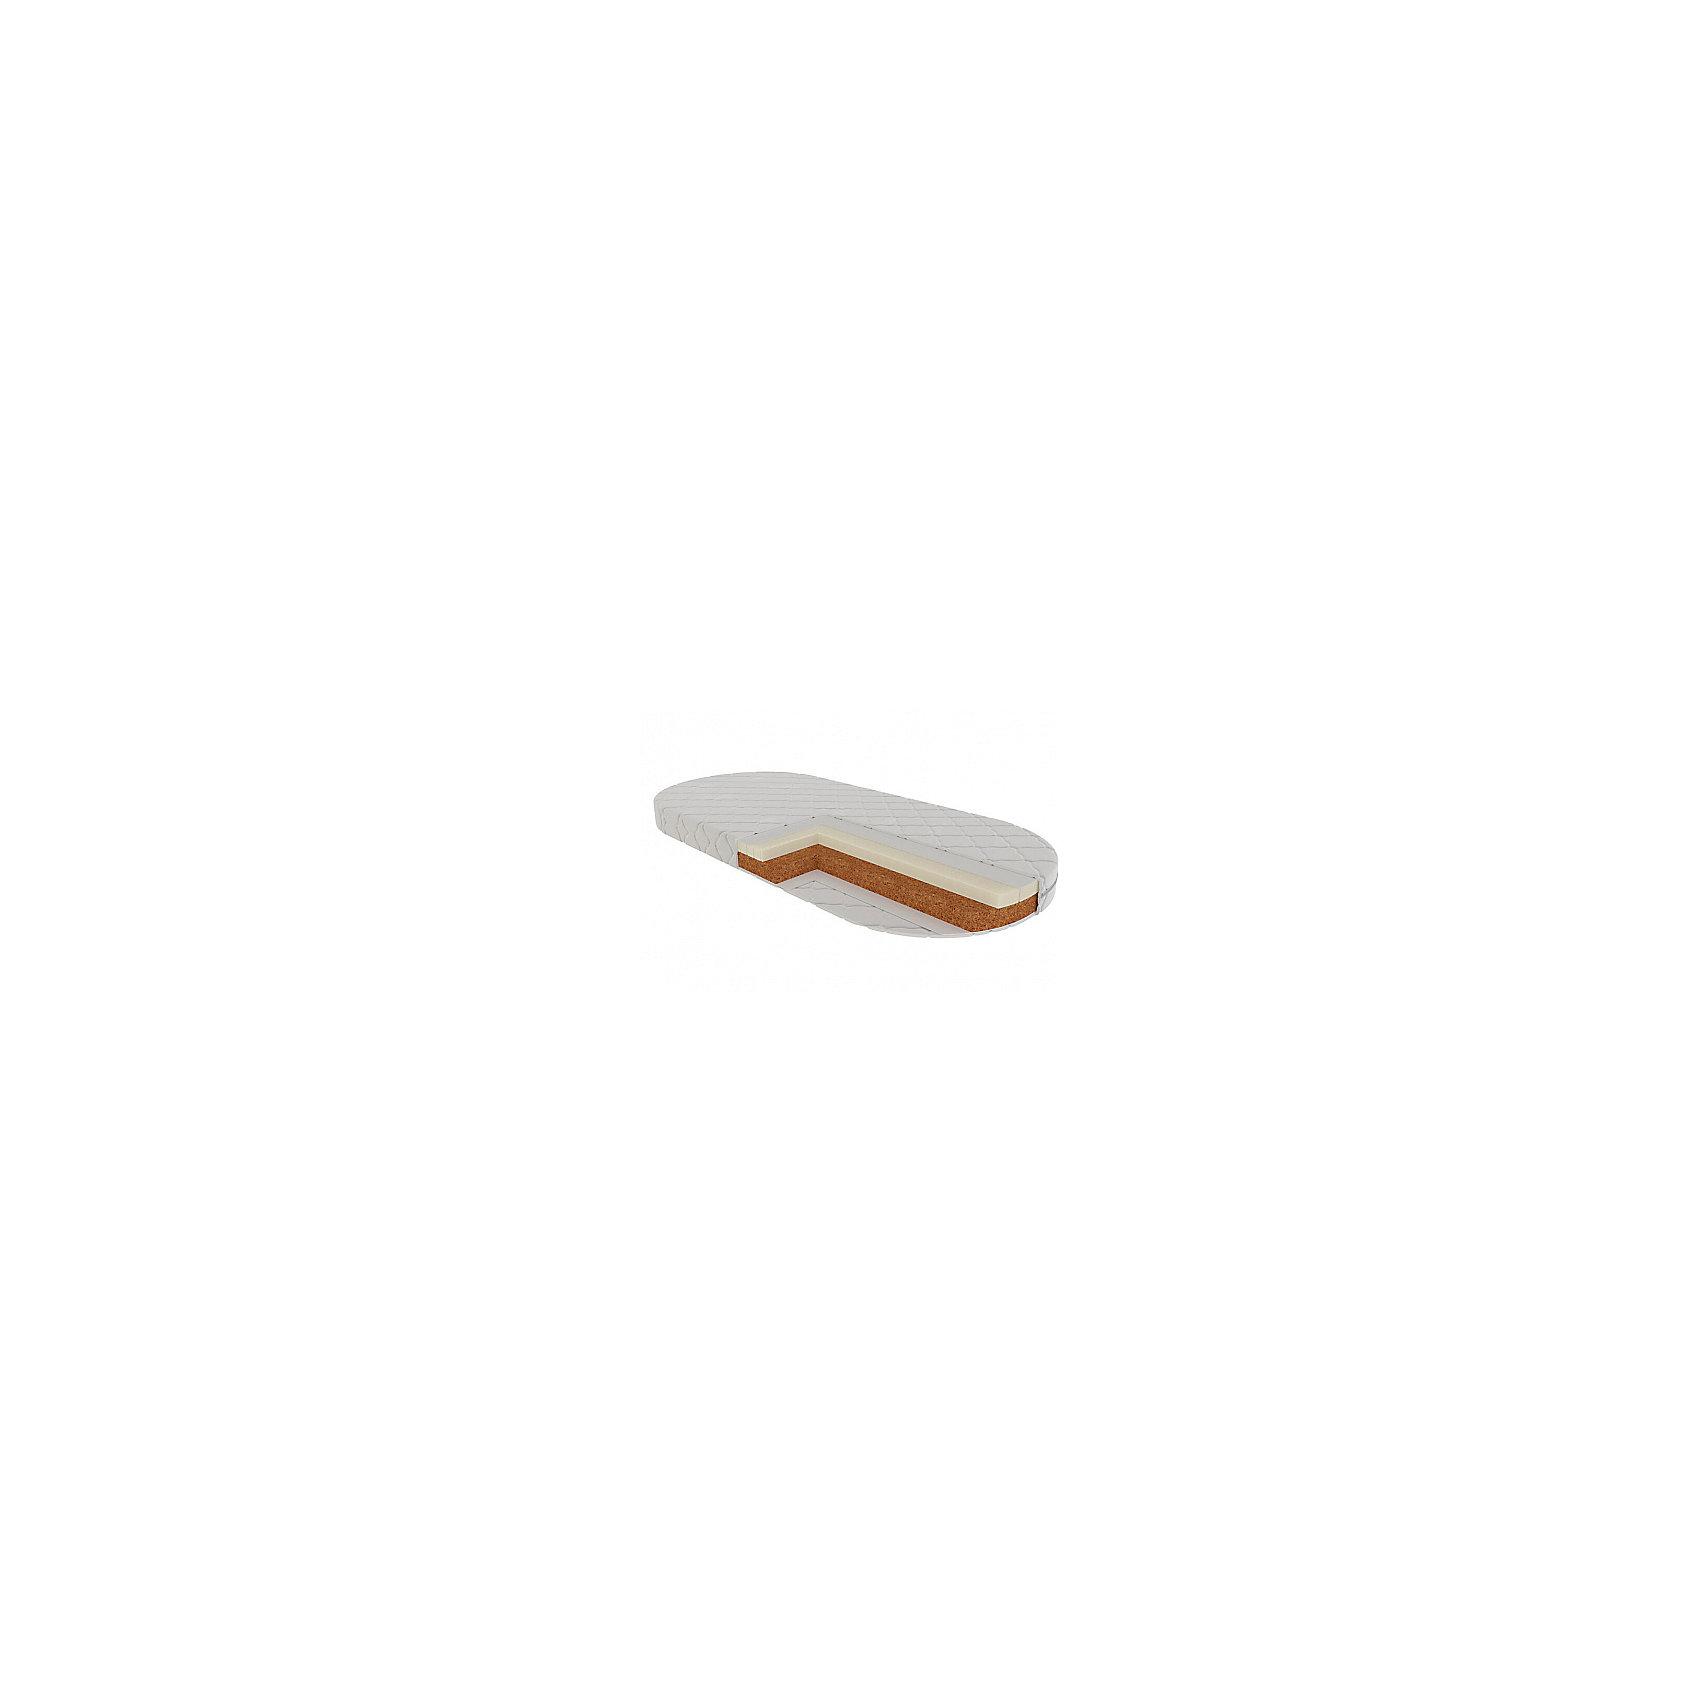 Матрас Венеция овальный 125х65, VikalexХарактеристики:<br><br>• двусторонний матрас в детскую кроватку;<br>• размер матраса: 125х65х12 см;<br>• материал: кокосовое волокно 60 мм, латекс 35 мм, нетканый материал Airotek;<br>• чехол с пропиткой алоэ-вера с защитой от клещей;<br>• стеганый чехол Stress Free на молнии;<br>• чехол можно снять и постирать при температуре 30 градусов;<br>• вес матраса: 6,3 кг.<br><br>Матрас разной степени жесткости дает возможность укладывать ребенка на ровное жесткое основание, для формирования правильной осанки. Матрас гарантирует комфорт и при этом анатомически правильную поддержку позвоночника ребенка - это крайне важно, ведь в первые месяцы жизни малыша закладывается динамика развития систем органов. Эластичность и прочность матраса наряду с гипоаллергенностью и воздухопроницаемостью отвечает самым высоким европейским стандартам.  <br><br>Матрас Венеция овальный 125х65, Vikalex можно купить в нашем магазине.<br><br>Ширина мм: 570<br>Глубина мм: 130<br>Высота мм: 590<br>Вес г: 3400<br>Возраст от месяцев: 0<br>Возраст до месяцев: 36<br>Пол: Унисекс<br>Возраст: Детский<br>SKU: 5353866